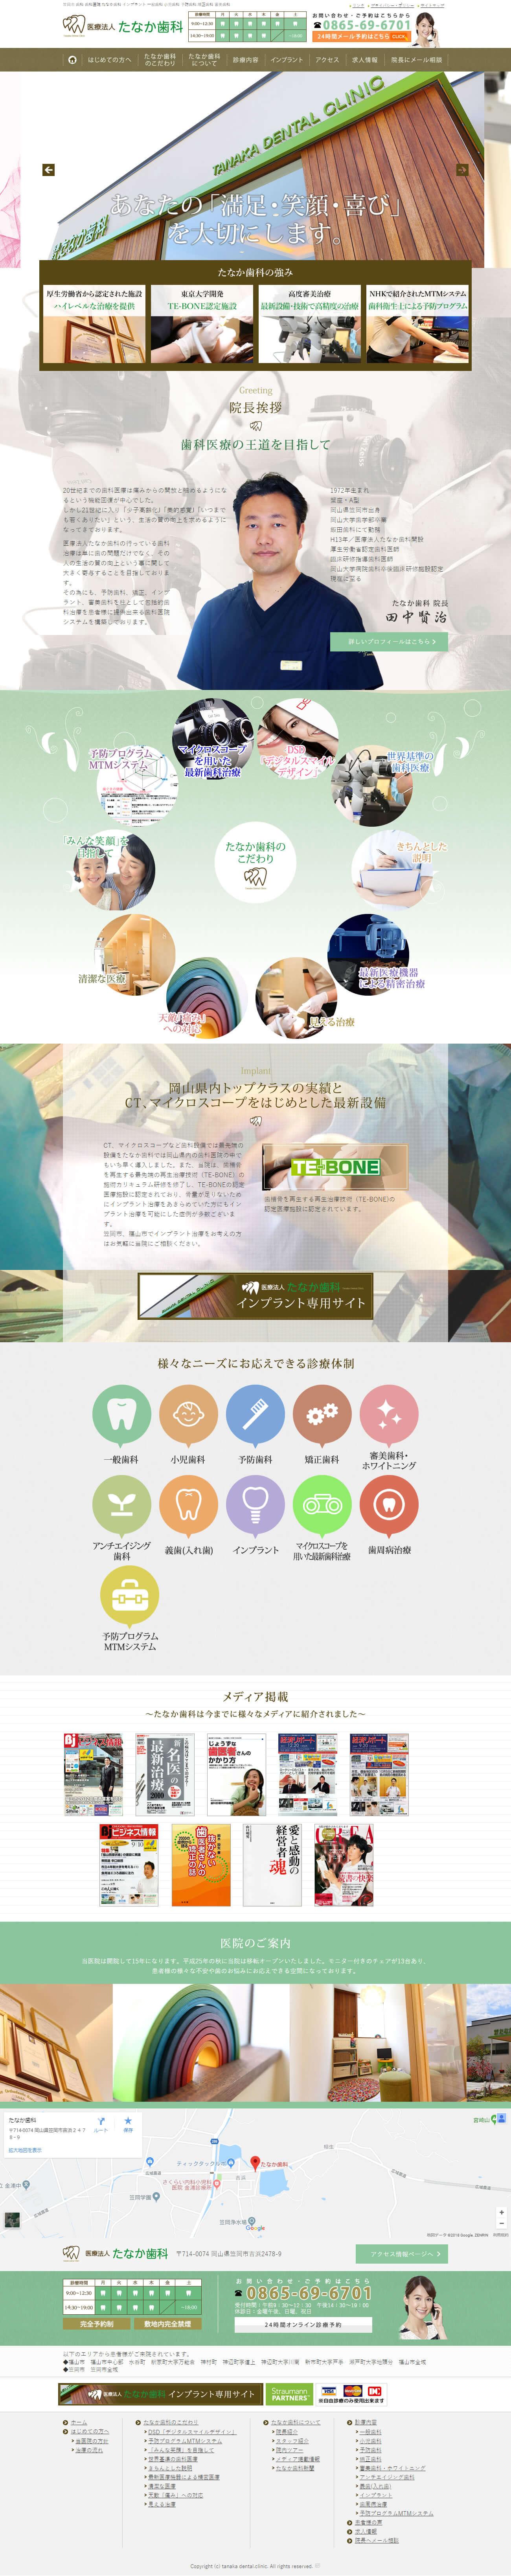 岡山県 たなか歯科様 ホームページ制作1